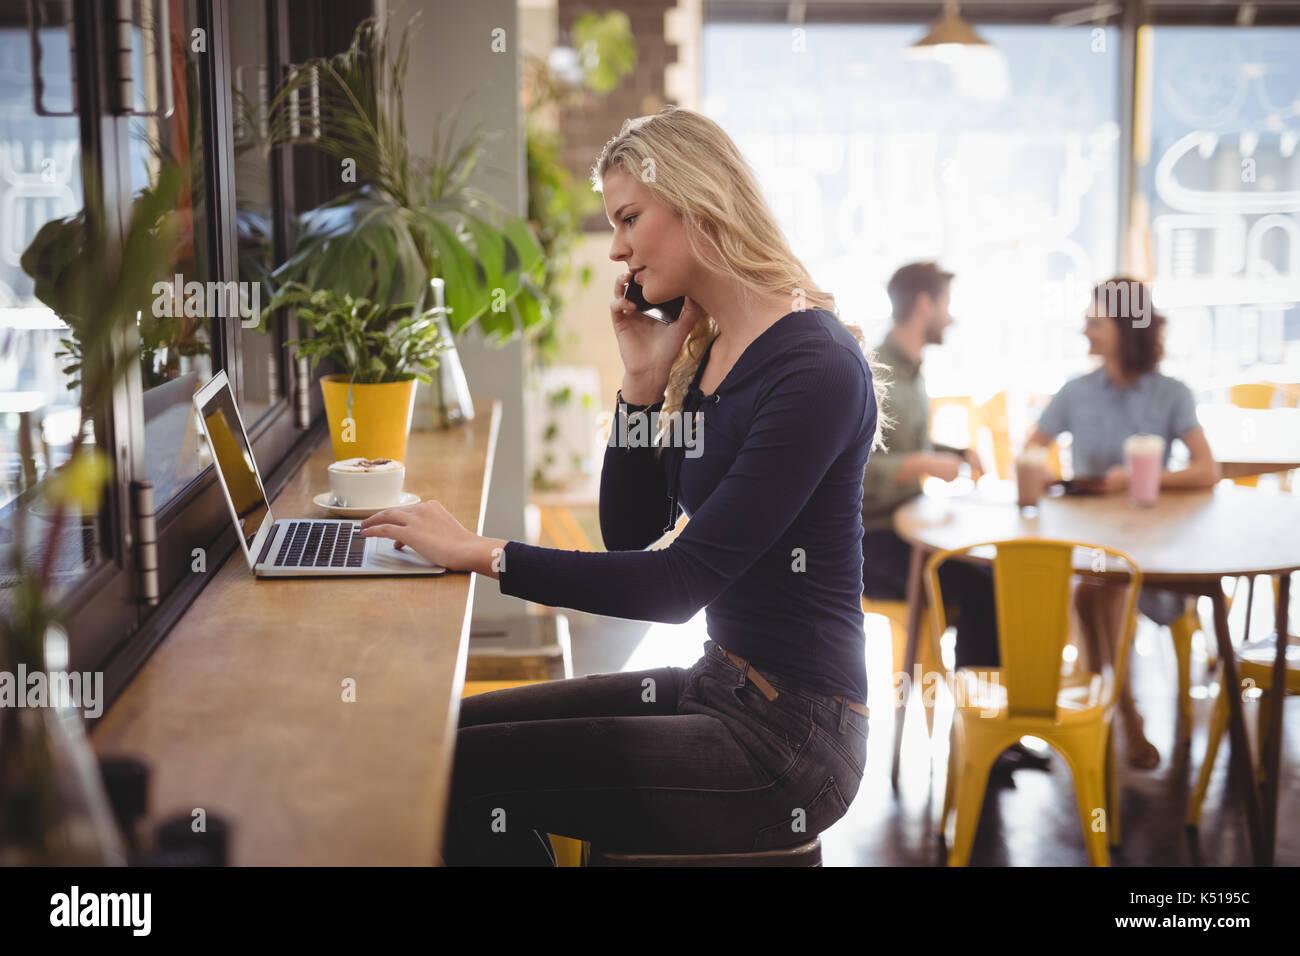 Seitenansicht der junge blonde Frau Gespräch am Handy mit Laptop im Cafe Stockbild